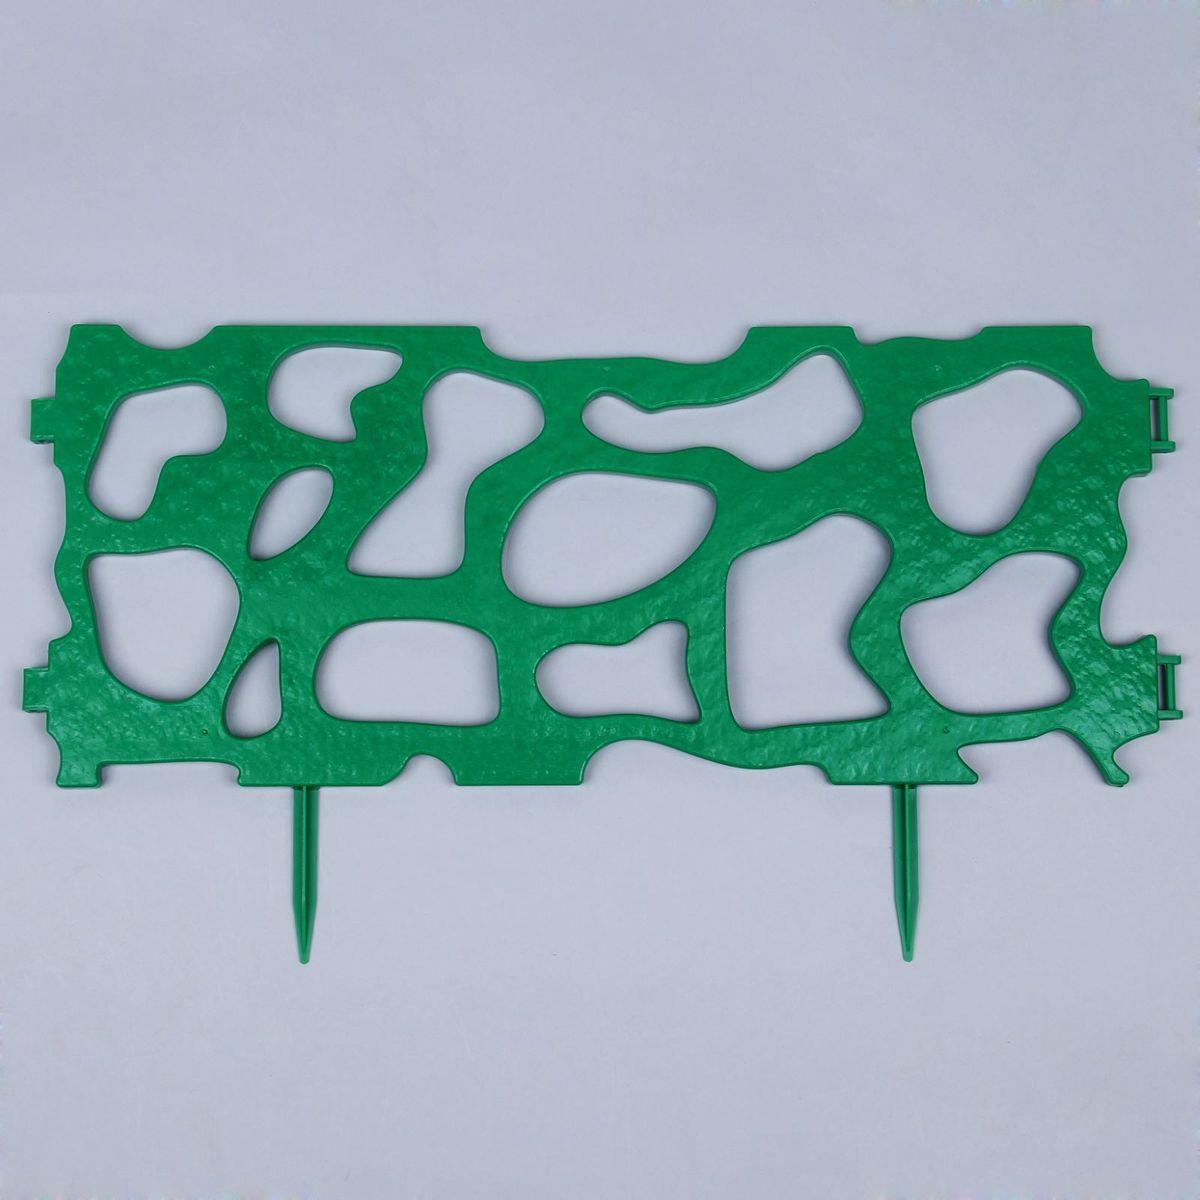 Ограждение садовое декоративное Рельеф, 7 секций, цвет: зеленый, 30 х 365 см738735Ограждение садовое Рельеф предназначено для декоративного оформления границ цветников, клумб, газонов, садовых дорожек и площадок. Изделие изготовлено из прочного пластика. Легко и быстро собирается, надежно крепится в земле. Скрепляются при помощи простого замка.Размеры одной секции: 30 х 54 см.Высота без ножки: 22 см.Общая длина: 365 см.Количество ограждений в упаковке: 7 шт.